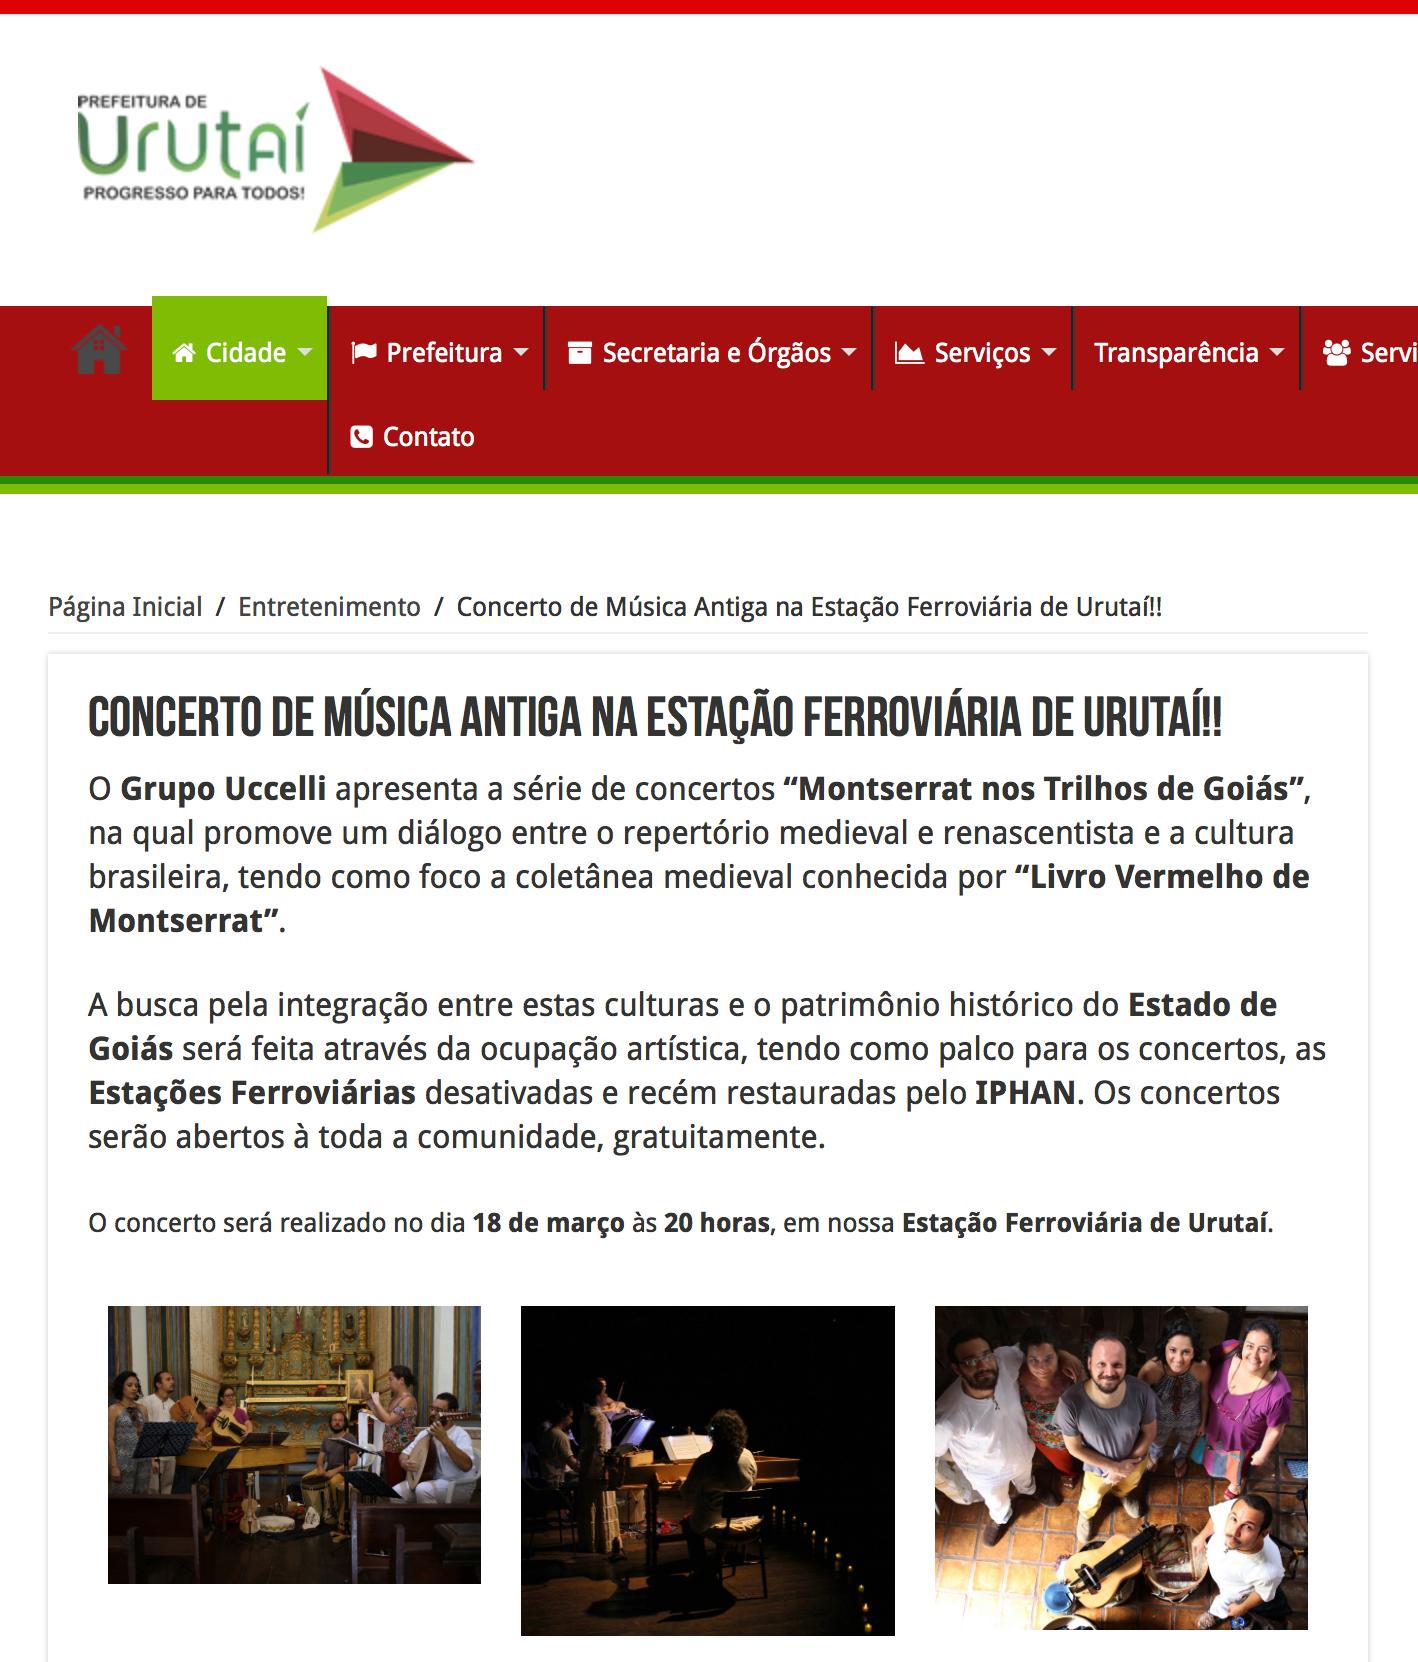 Prefeitura de Urutaí